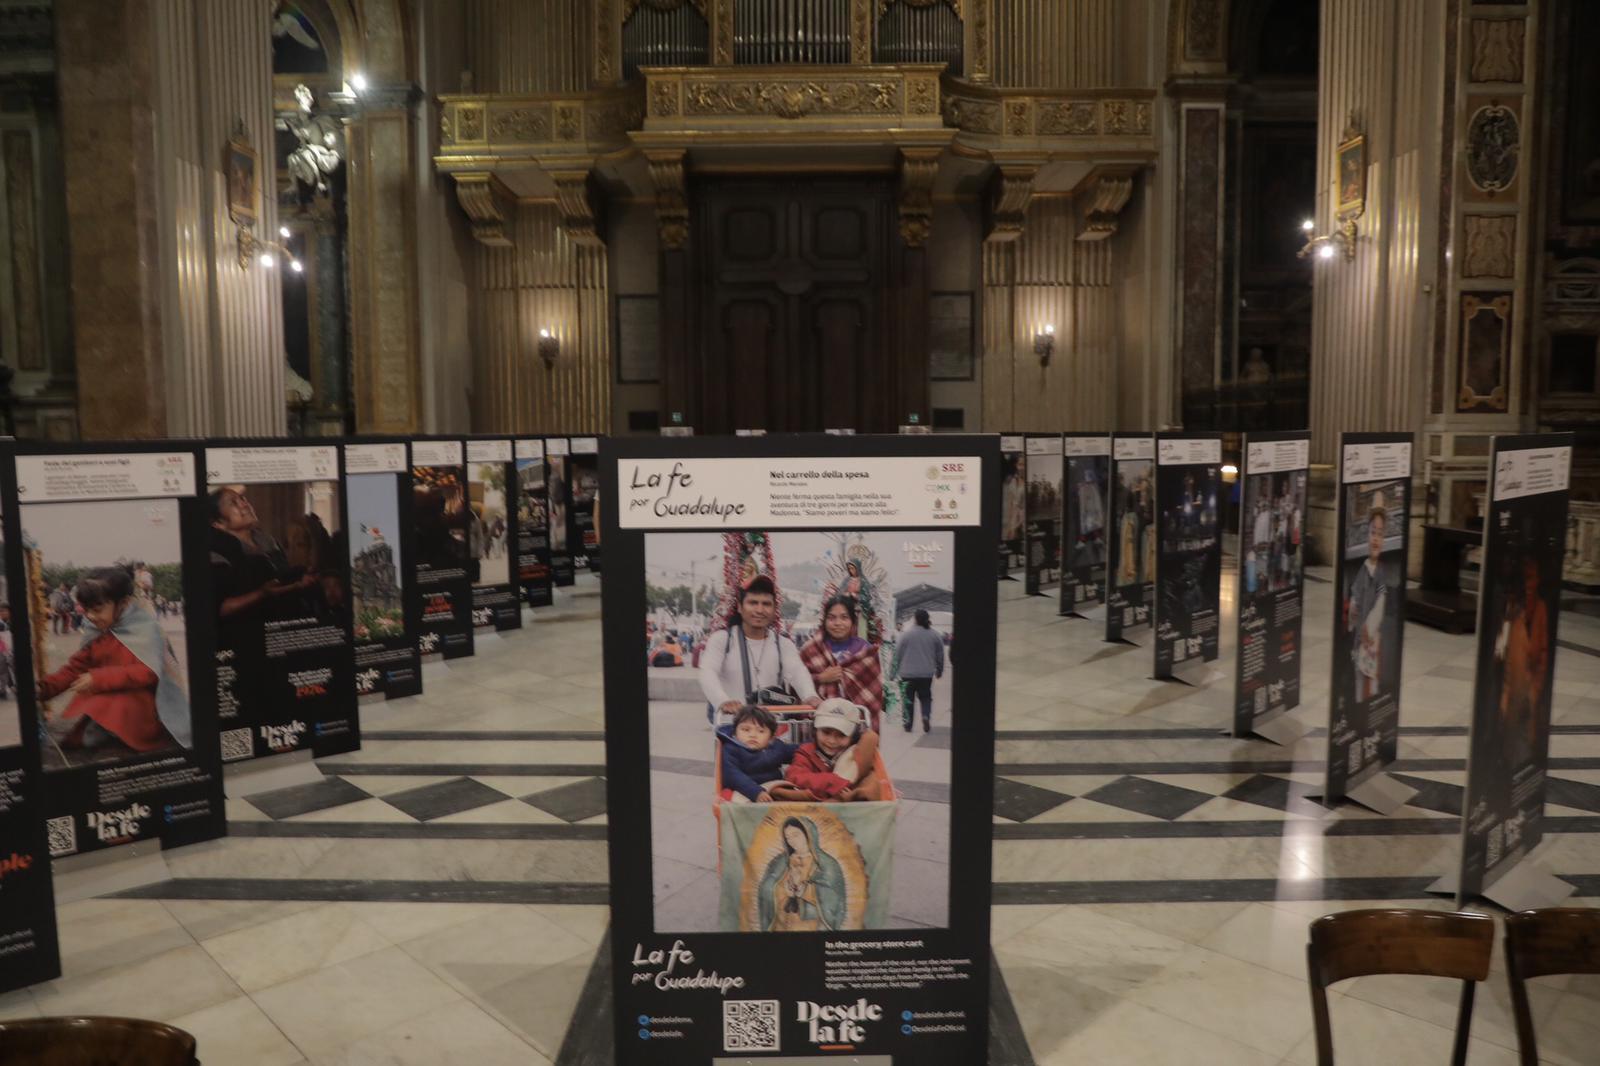 Exposición La fe por Guadalupe. Foto: Pablo Esparza